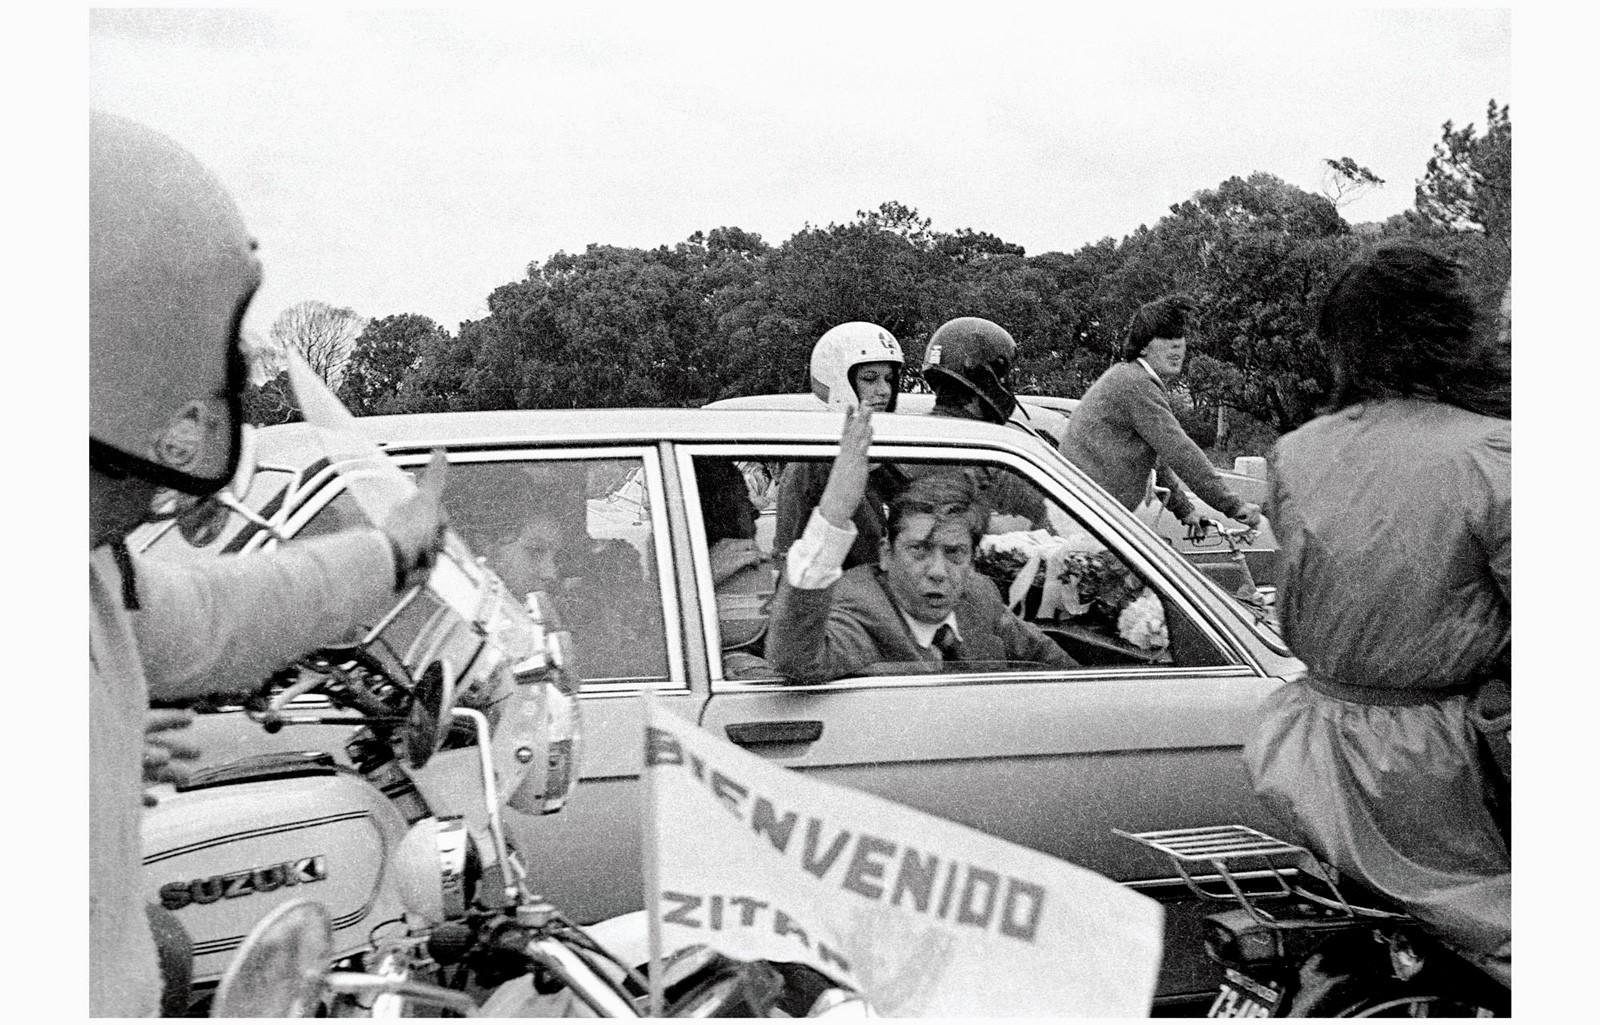 Llegada del exilio de Alfredo Zitarrosa. Desde el Aeropuerto de Carrasco por la rambla hasta AEBU, donde realizó una conferencia de prensa, 31 de marzo de 1984